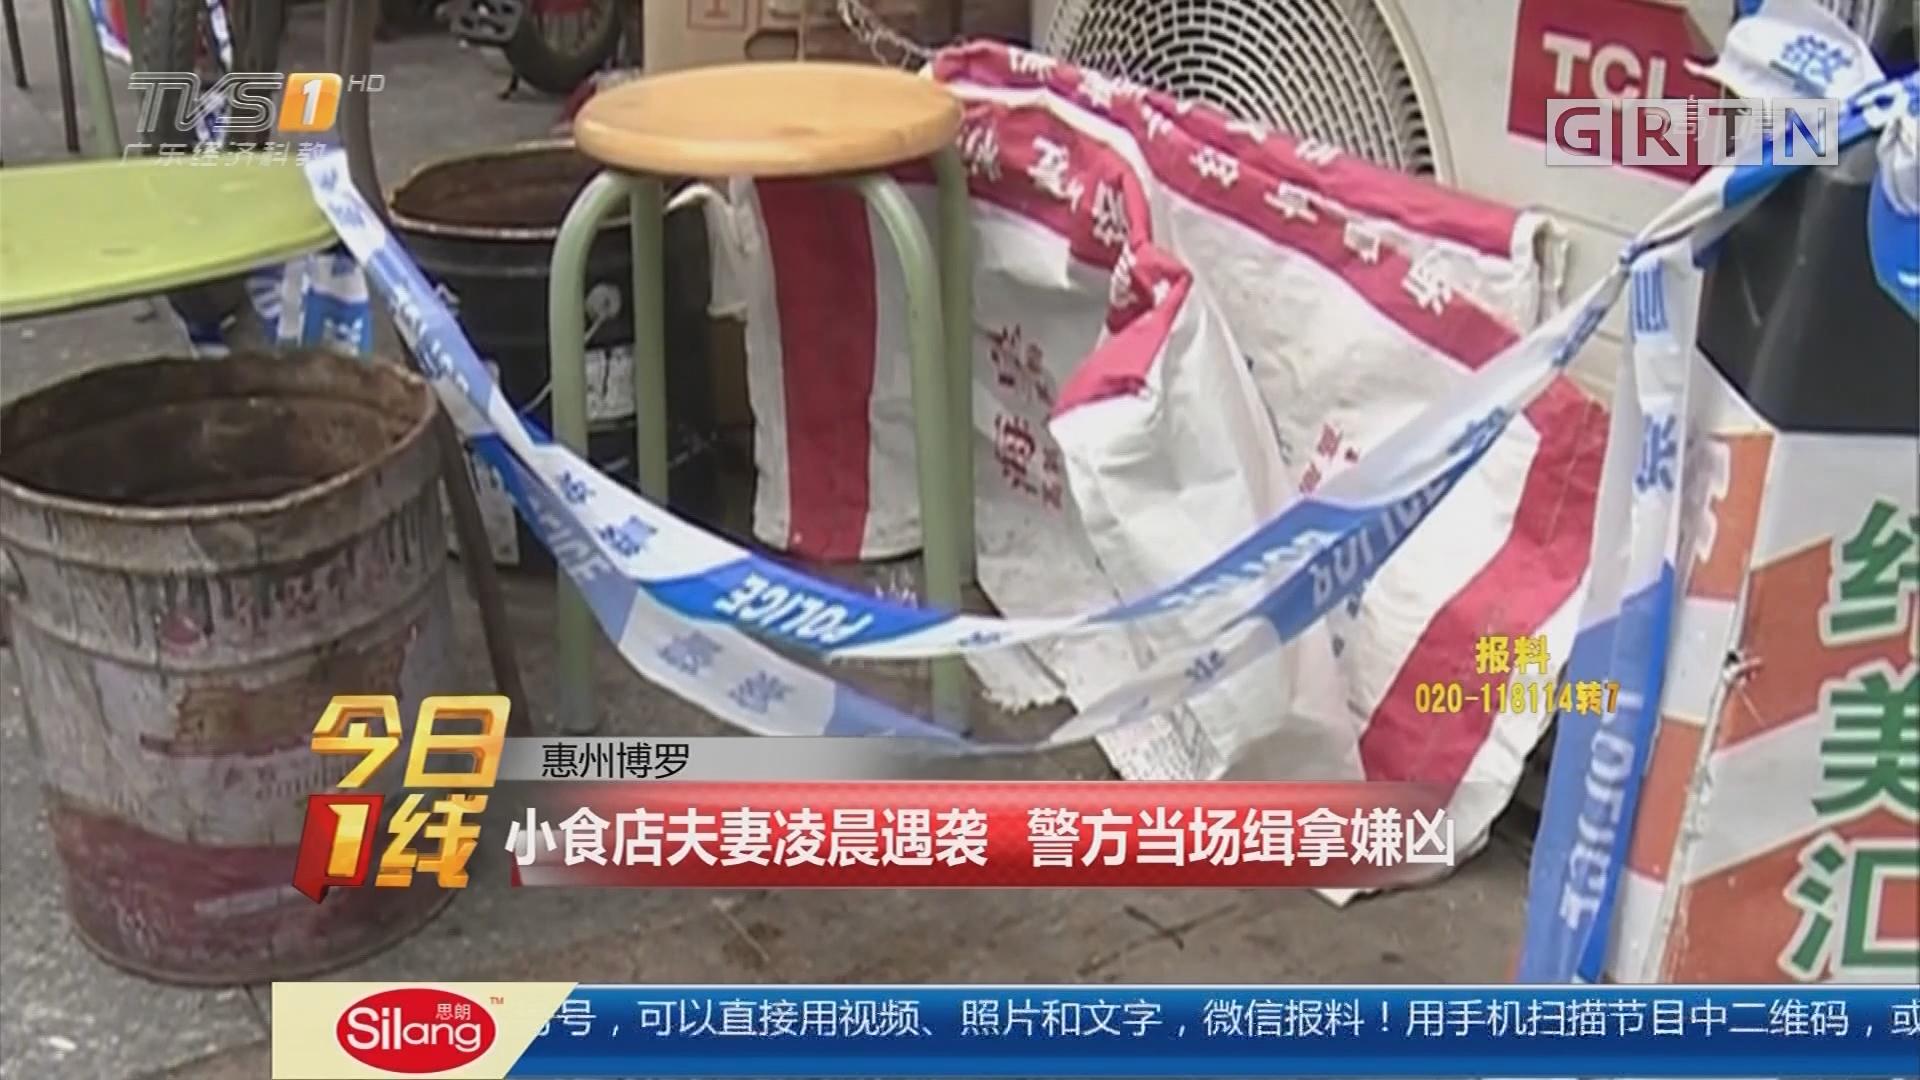 惠州博罗:小食店夫妻凌晨遇袭 警方当场缉拿嫌凶